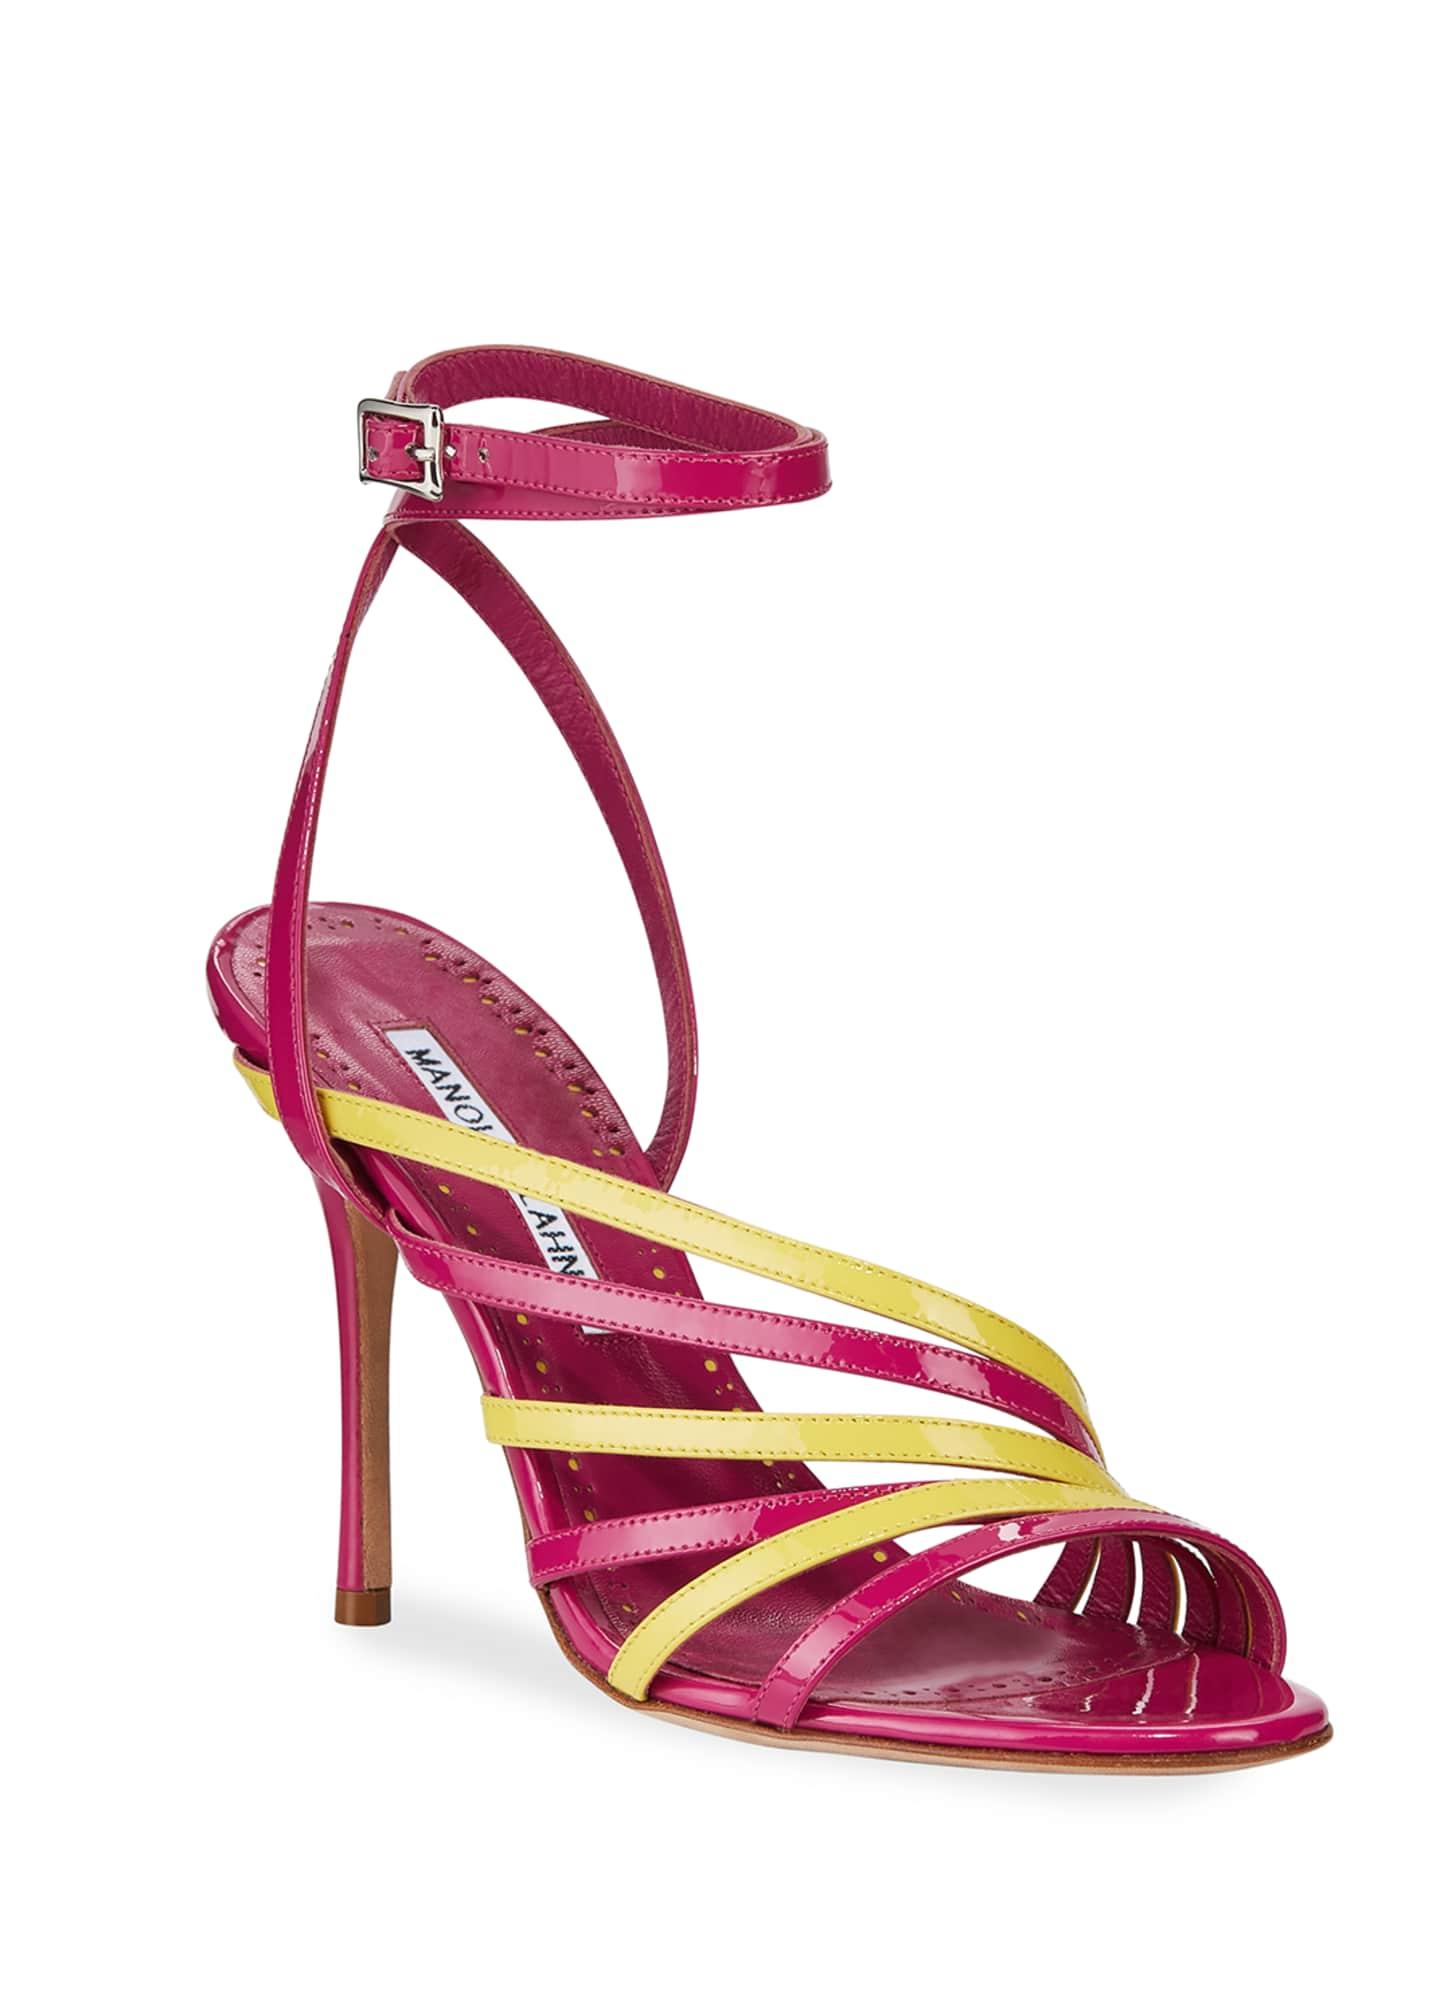 Manolo Blahnik Acante Patent Ankle-Wrap Sandals